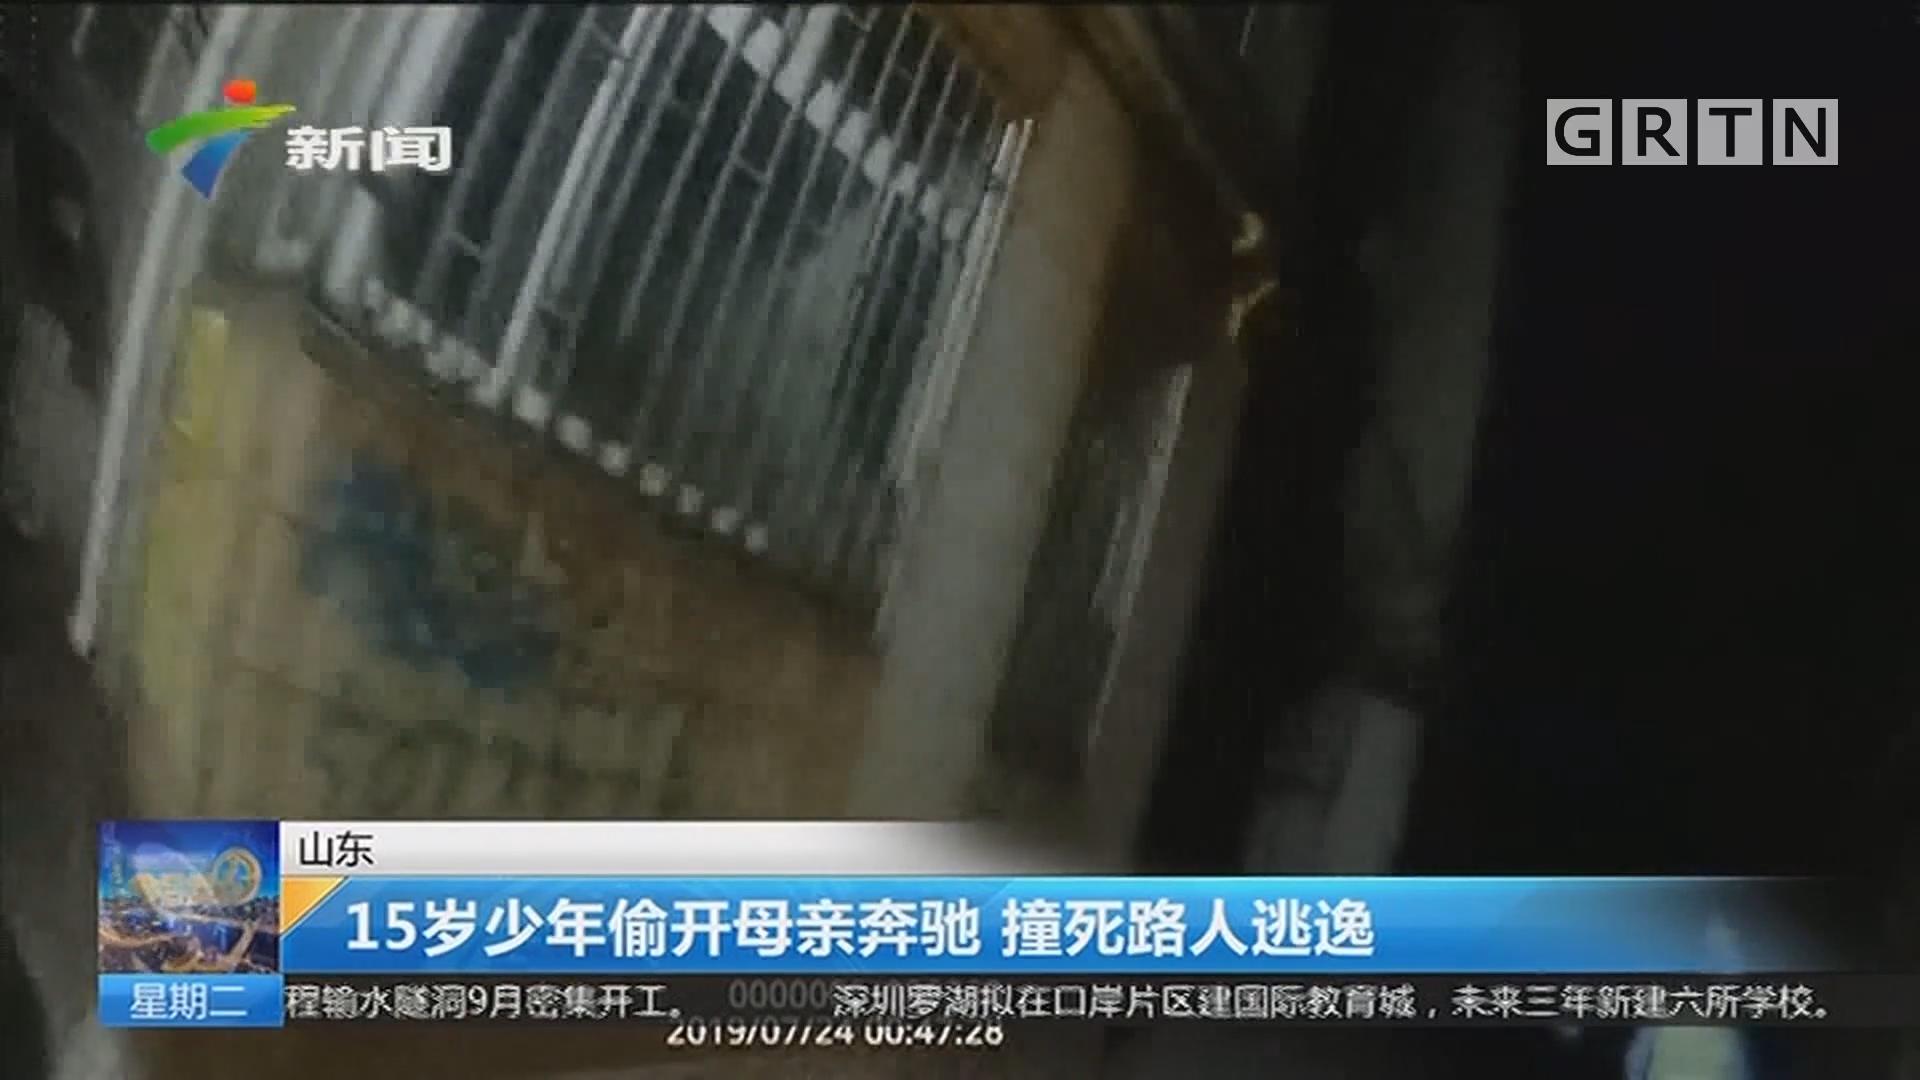 山东:15岁少年偷开母亲奔驰 撞死路人逃逸